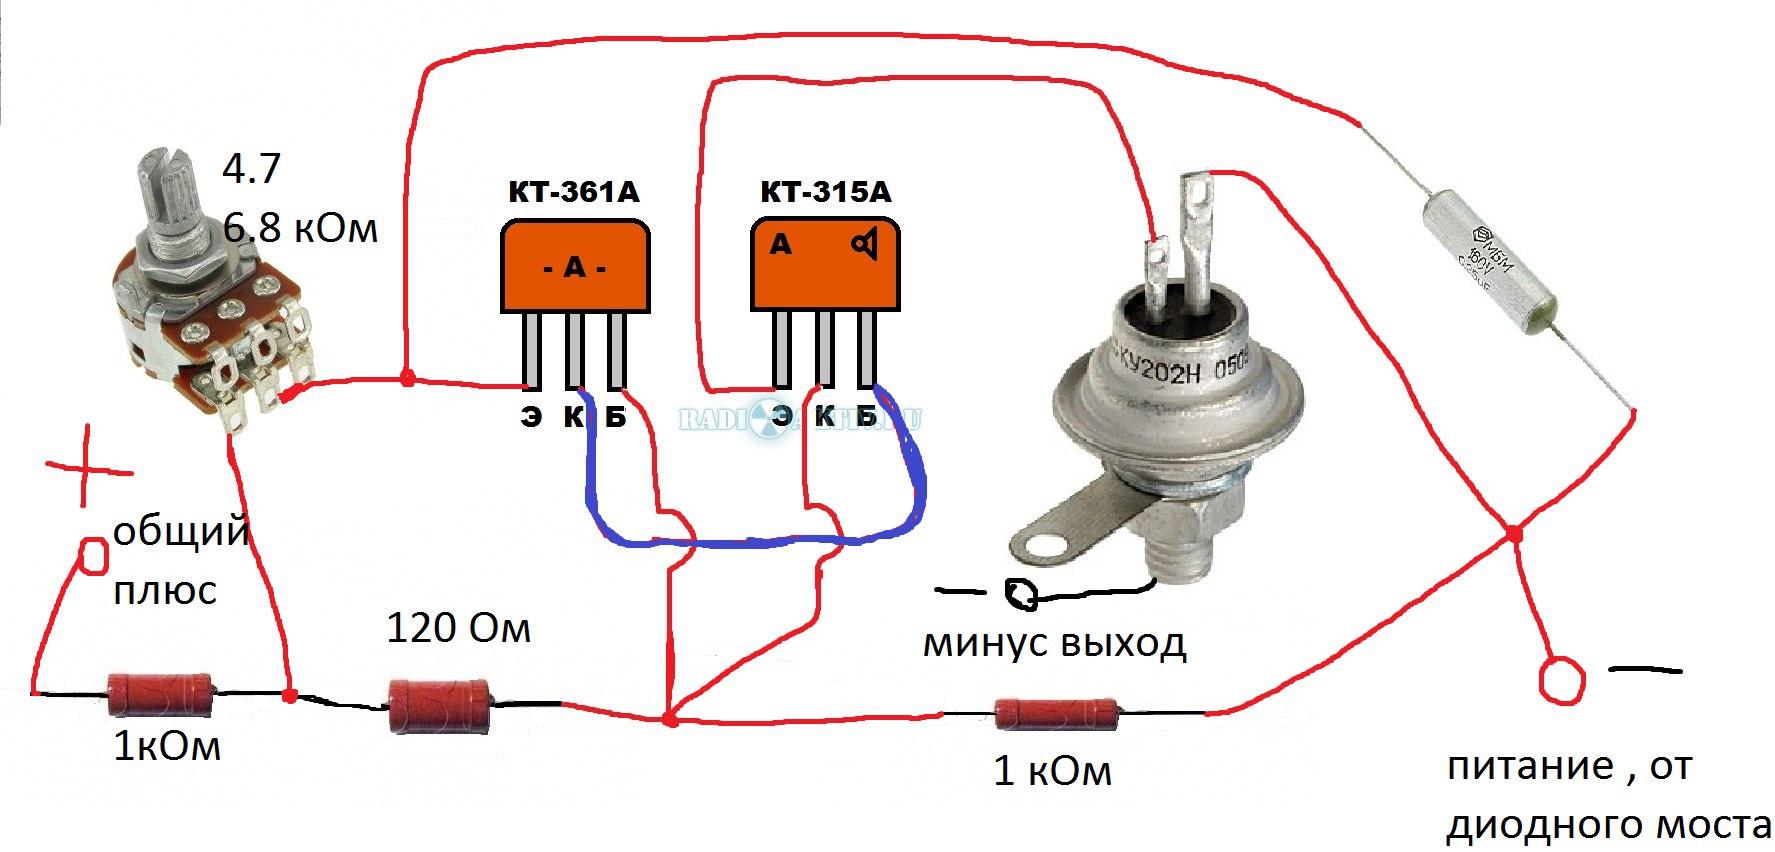 Зарядное устройство из диодного моста генератора своими руками